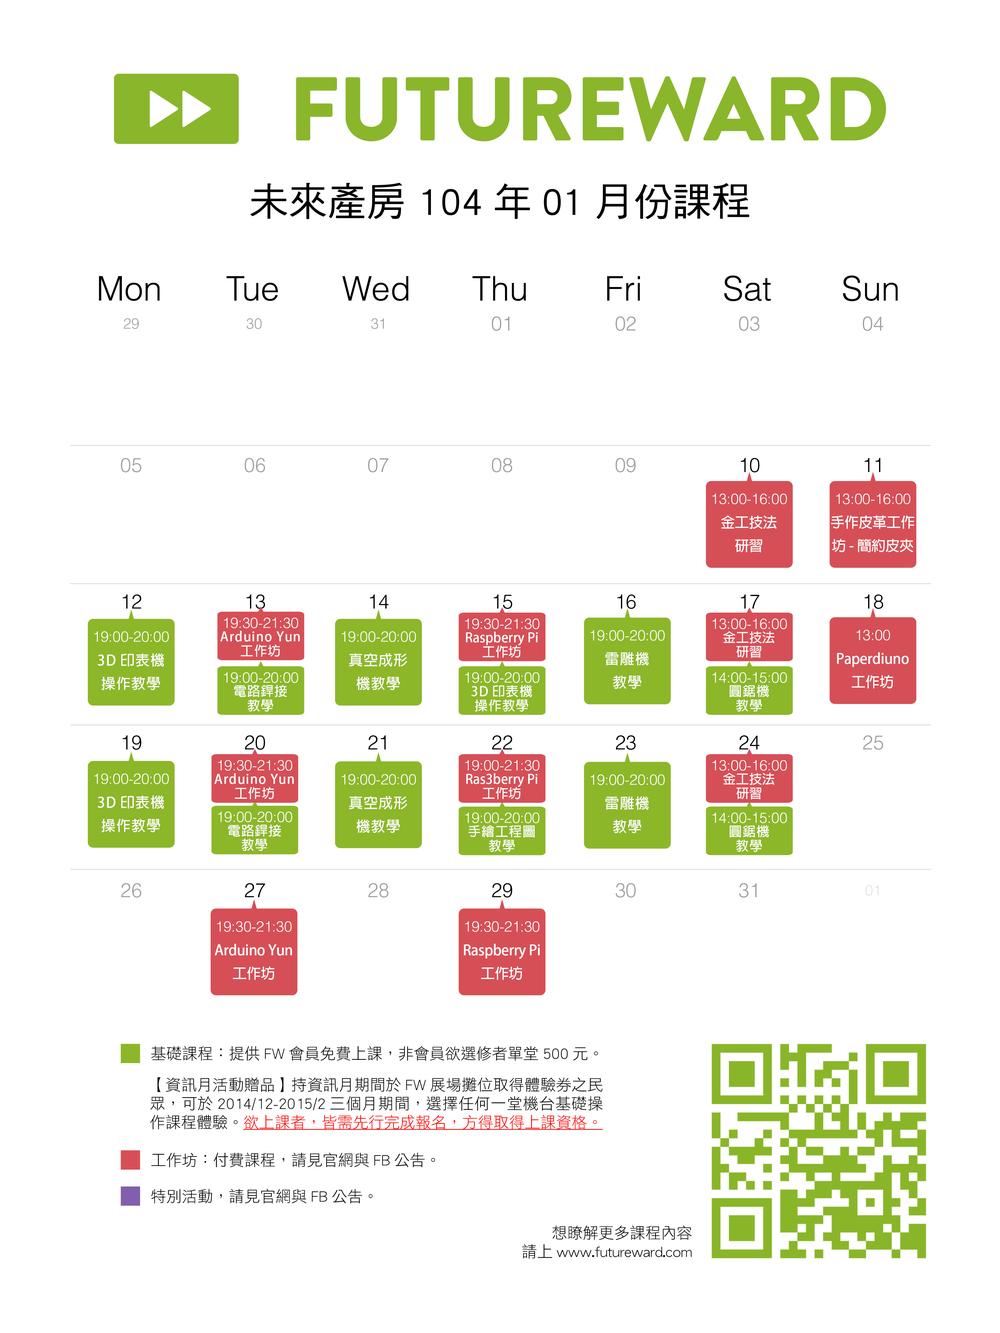 課程表說明: 紅色為工作坊,相關課程資訊請點選[活動通報]→[工作坊] 綠色為機台基礎操作課程